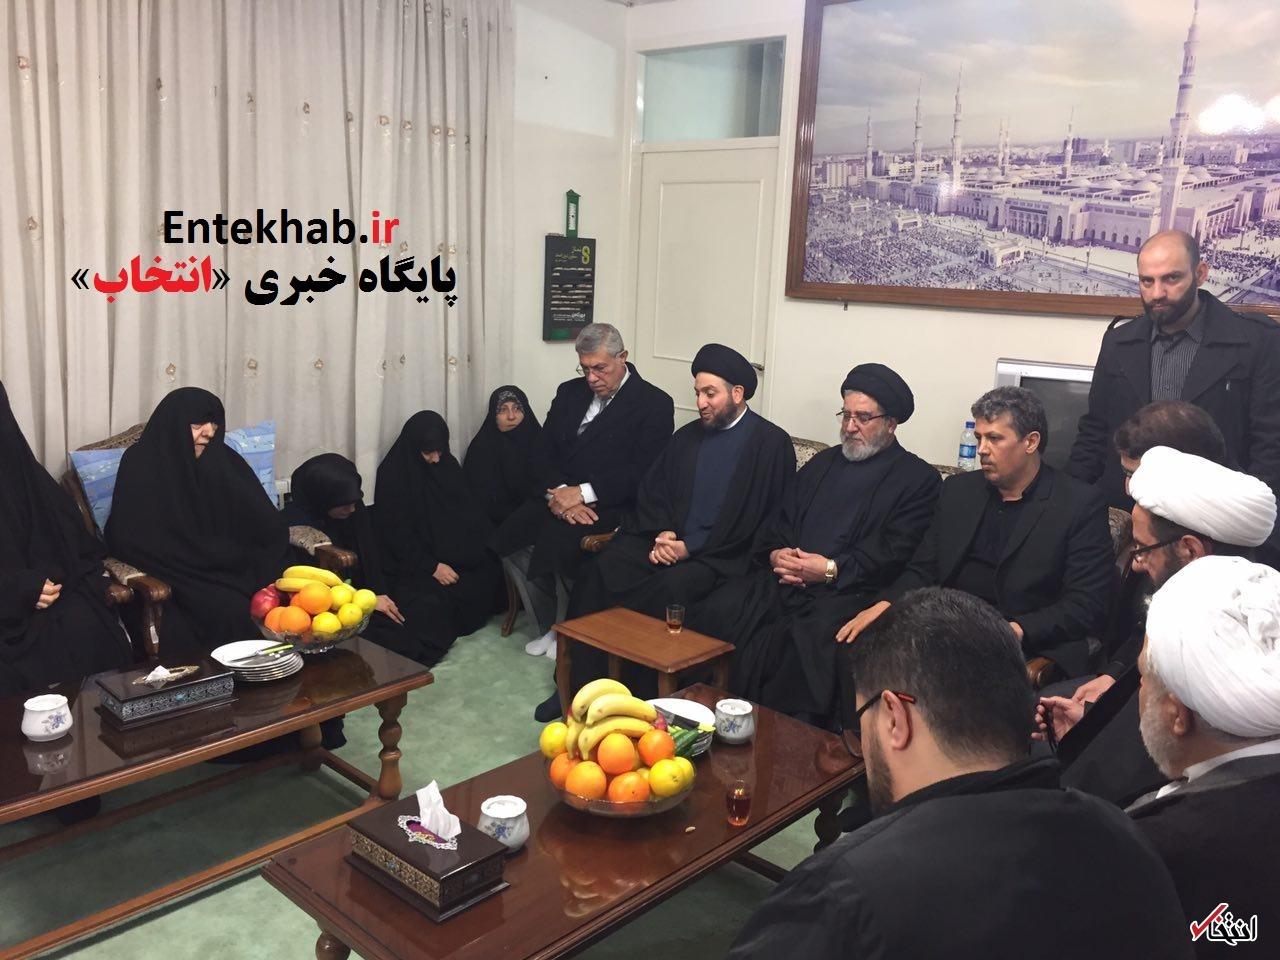 معاون دبیرکل حزب الله و عمار حکیم به بیت آیت الله هاشمی رفتند+تصاویر